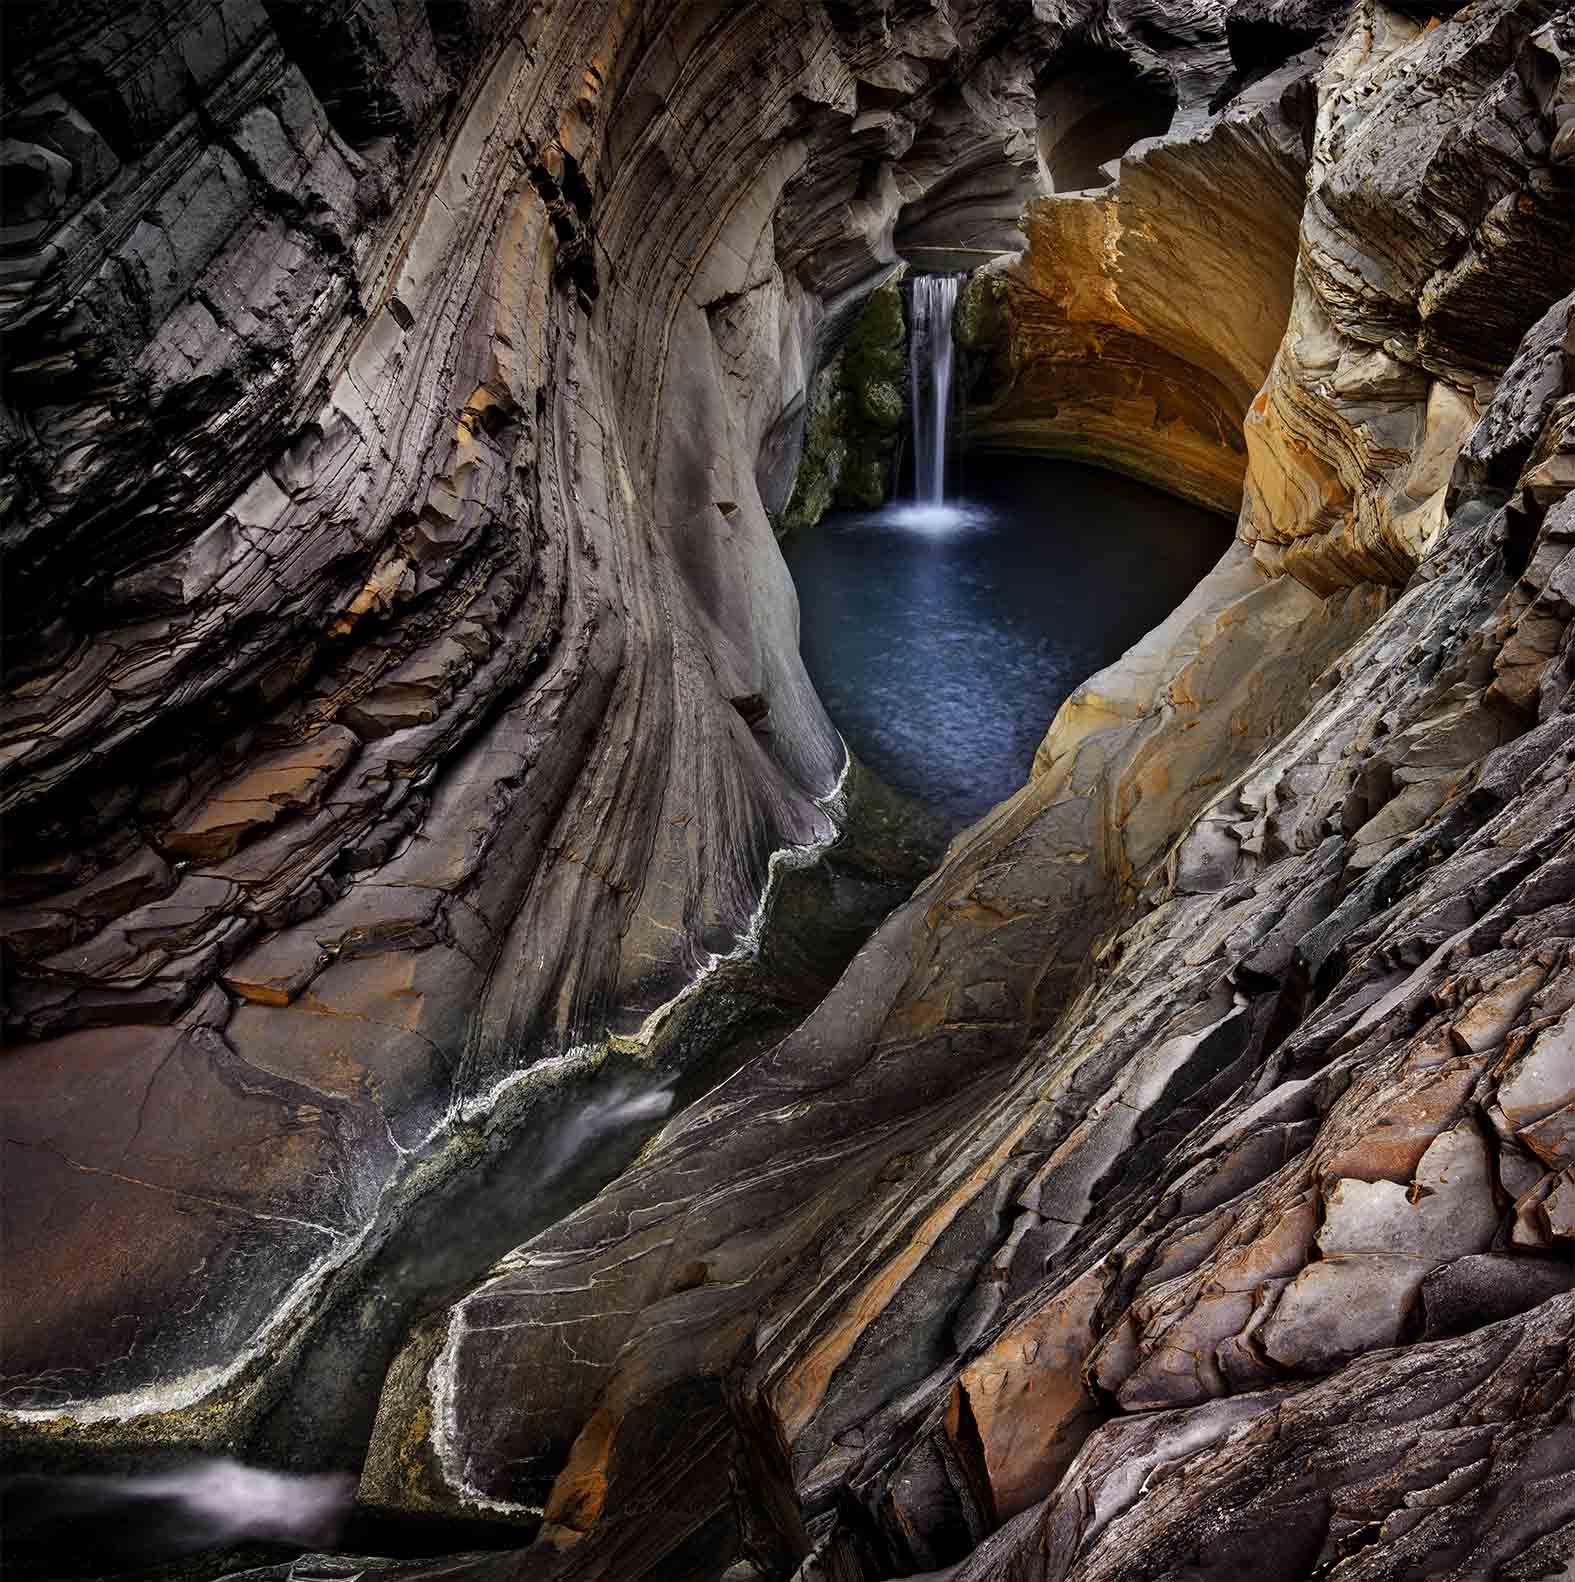 Hamersley Gorge water, Australia by Ignacio Palacios